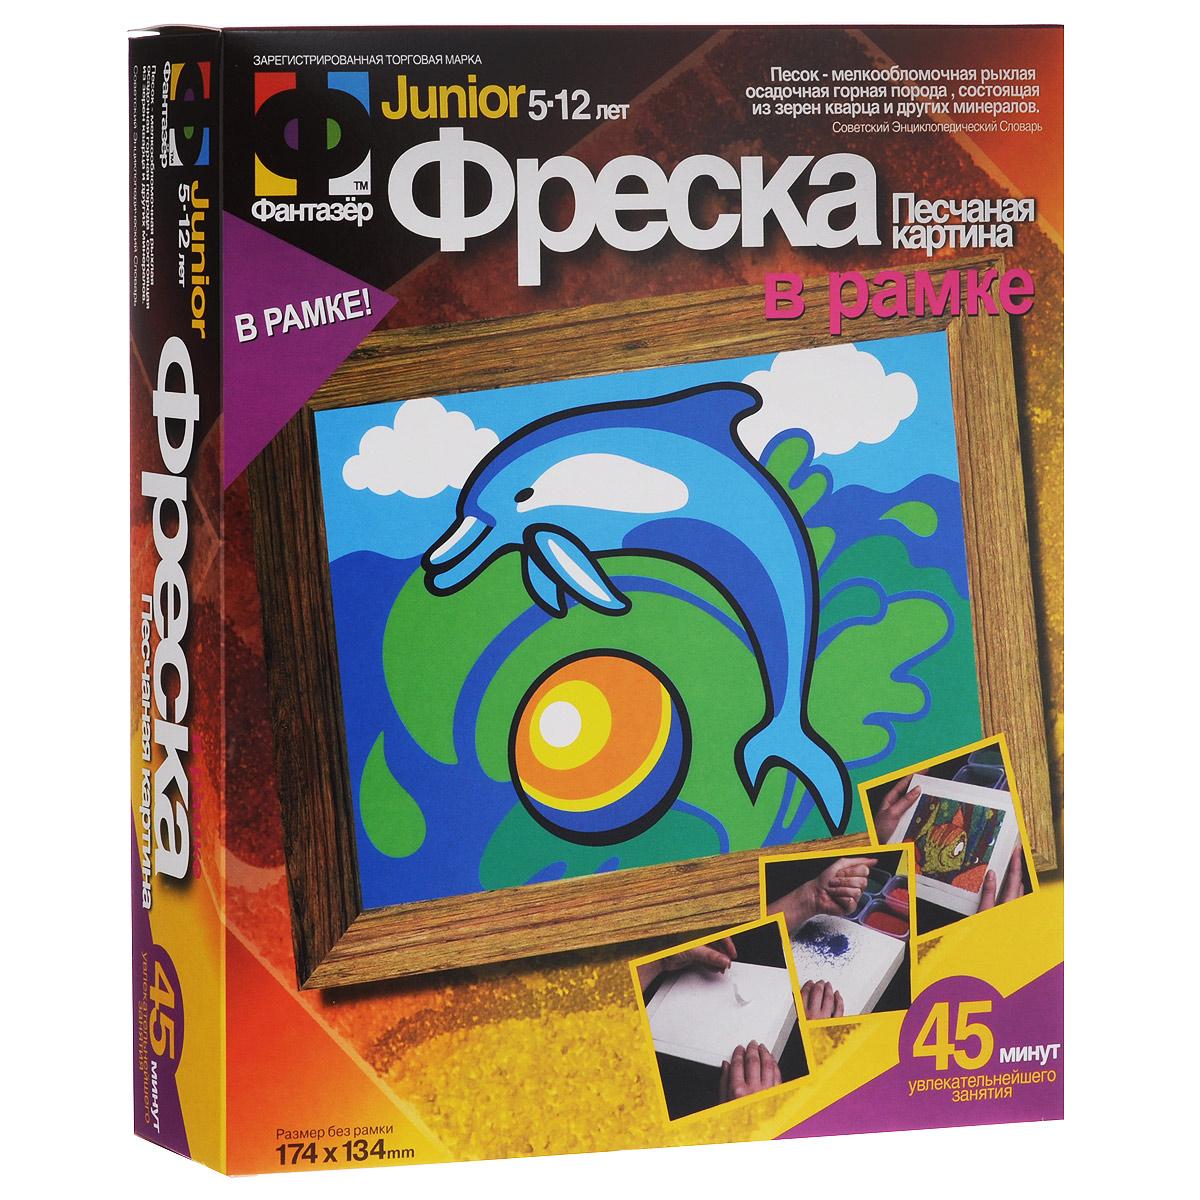 """С набором для создания фрески Фантазер """"Дельфин"""" ваш ребенок сможет изготовить удивительную картину из цветного песка! В набор входят: кварцевый песок 8 цветов (светло-зеленый, морской волны, желтый, оранжевый, черный, белый, голубой, синий), специальная трехслойная основа, заготовка рамки, шаблон. Малыш без труда создаст необычную """"песчаную картину"""", которая будет отличным украшением комнаты или кабинета и объектом гордости вашего ребенка. Процесс создания картины из песка прост и увлекателен - достаточно отклеить защитный слой с каждого элемента и засыпать его песком разных цветов, ориентируясь на изображение на упаковке. Начинайте с песка черного цвета, переходя от темных оттенков к более светлым, от мелких элементов к более крупным. Готовую картинку с изображением веселого дельфина можно оформить входящей в комплект сборной рамкой. Инструкция расположена на обратной стороне упаковки. Вас ждет интересное занятие и великолепный результат!"""